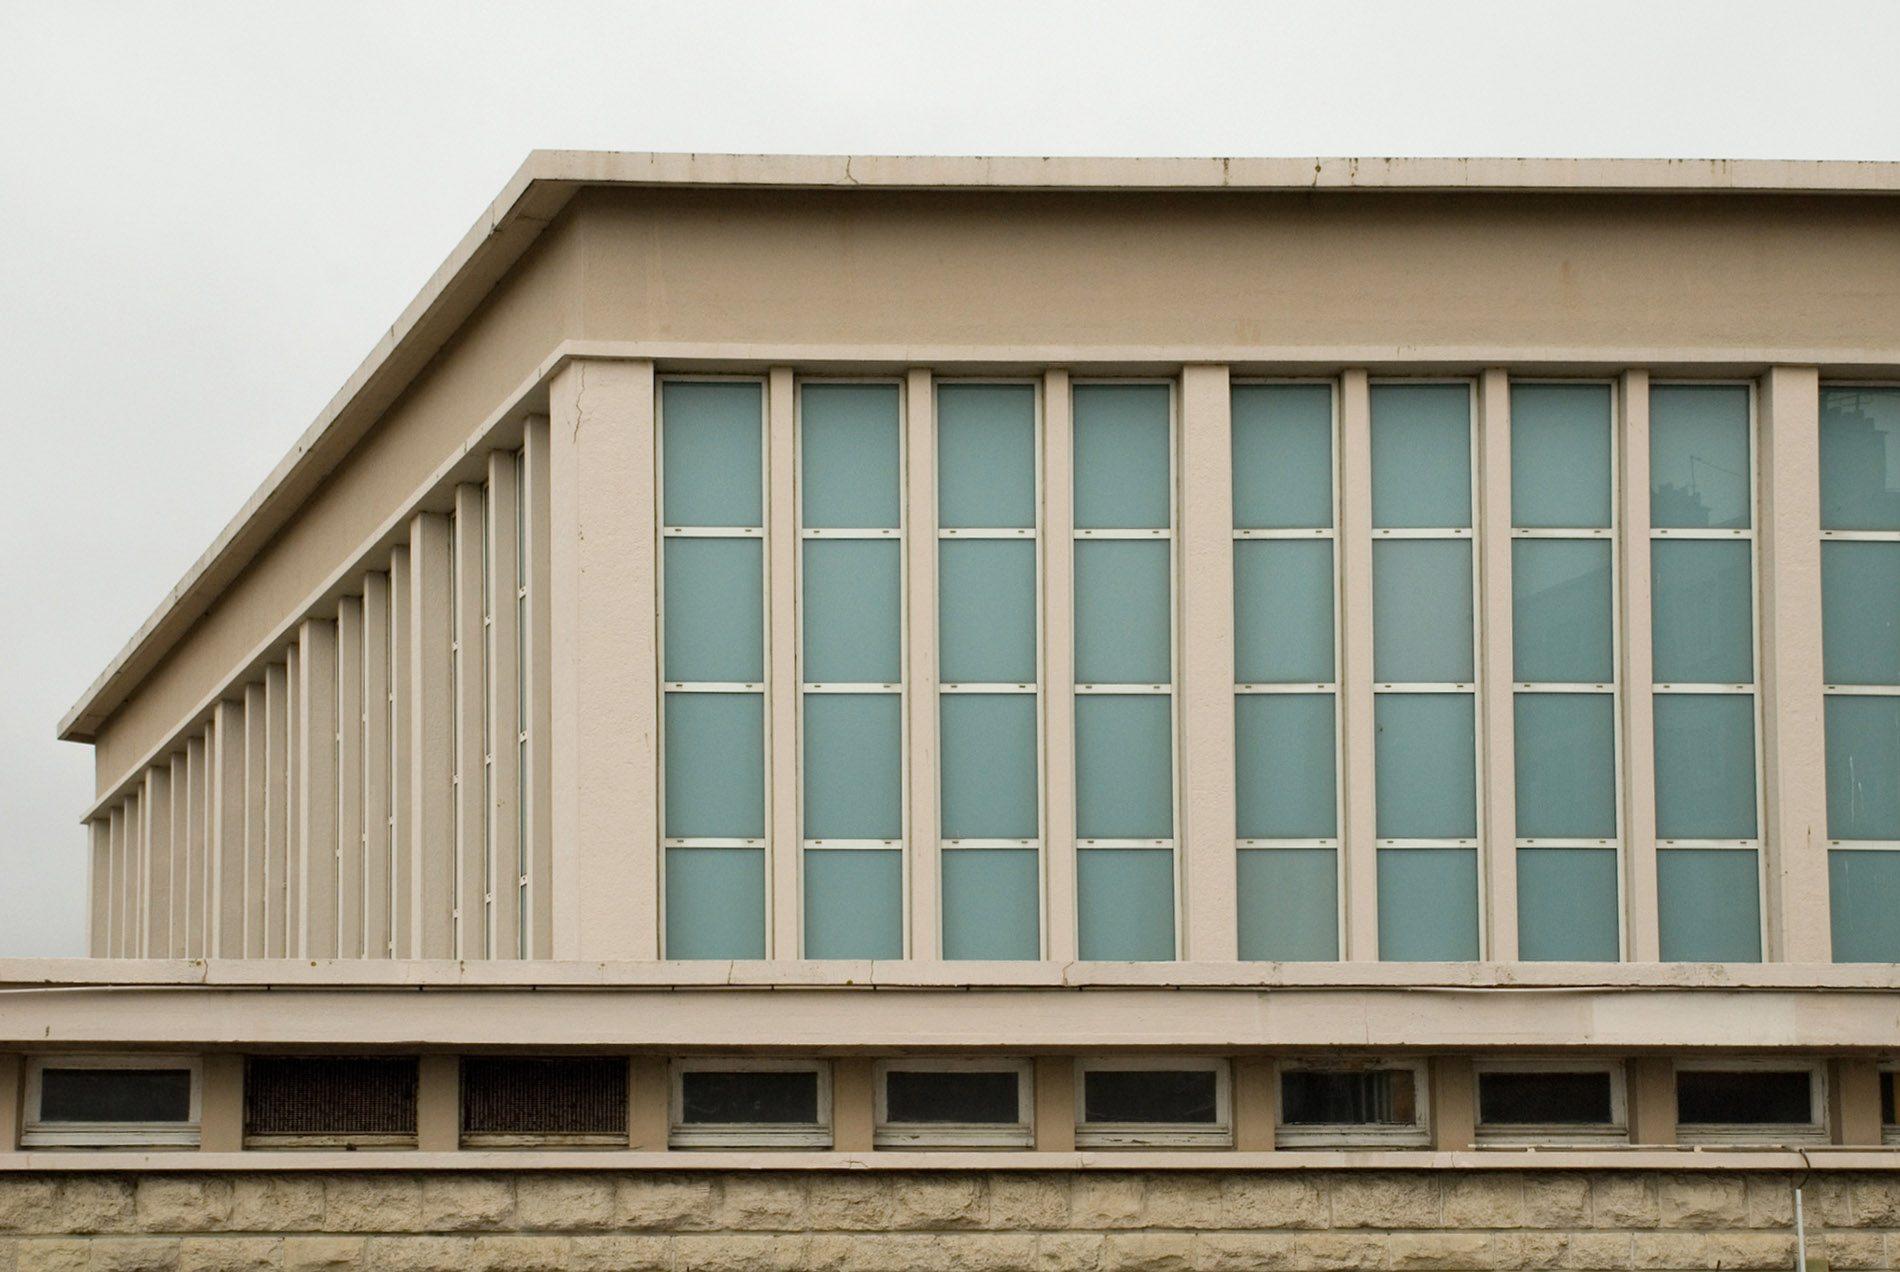 Parcours Les Bassins. Am benachbarten Quai de l'Ile steht die 1952 von den Architekten Charles Fabre und Jean Le Soudier errichtete Fischhalle. Der schöne schlichte Bau ist meist geschlossen und wird manchmal als Ausstellungs- und Veranstaltungsort genutzt.